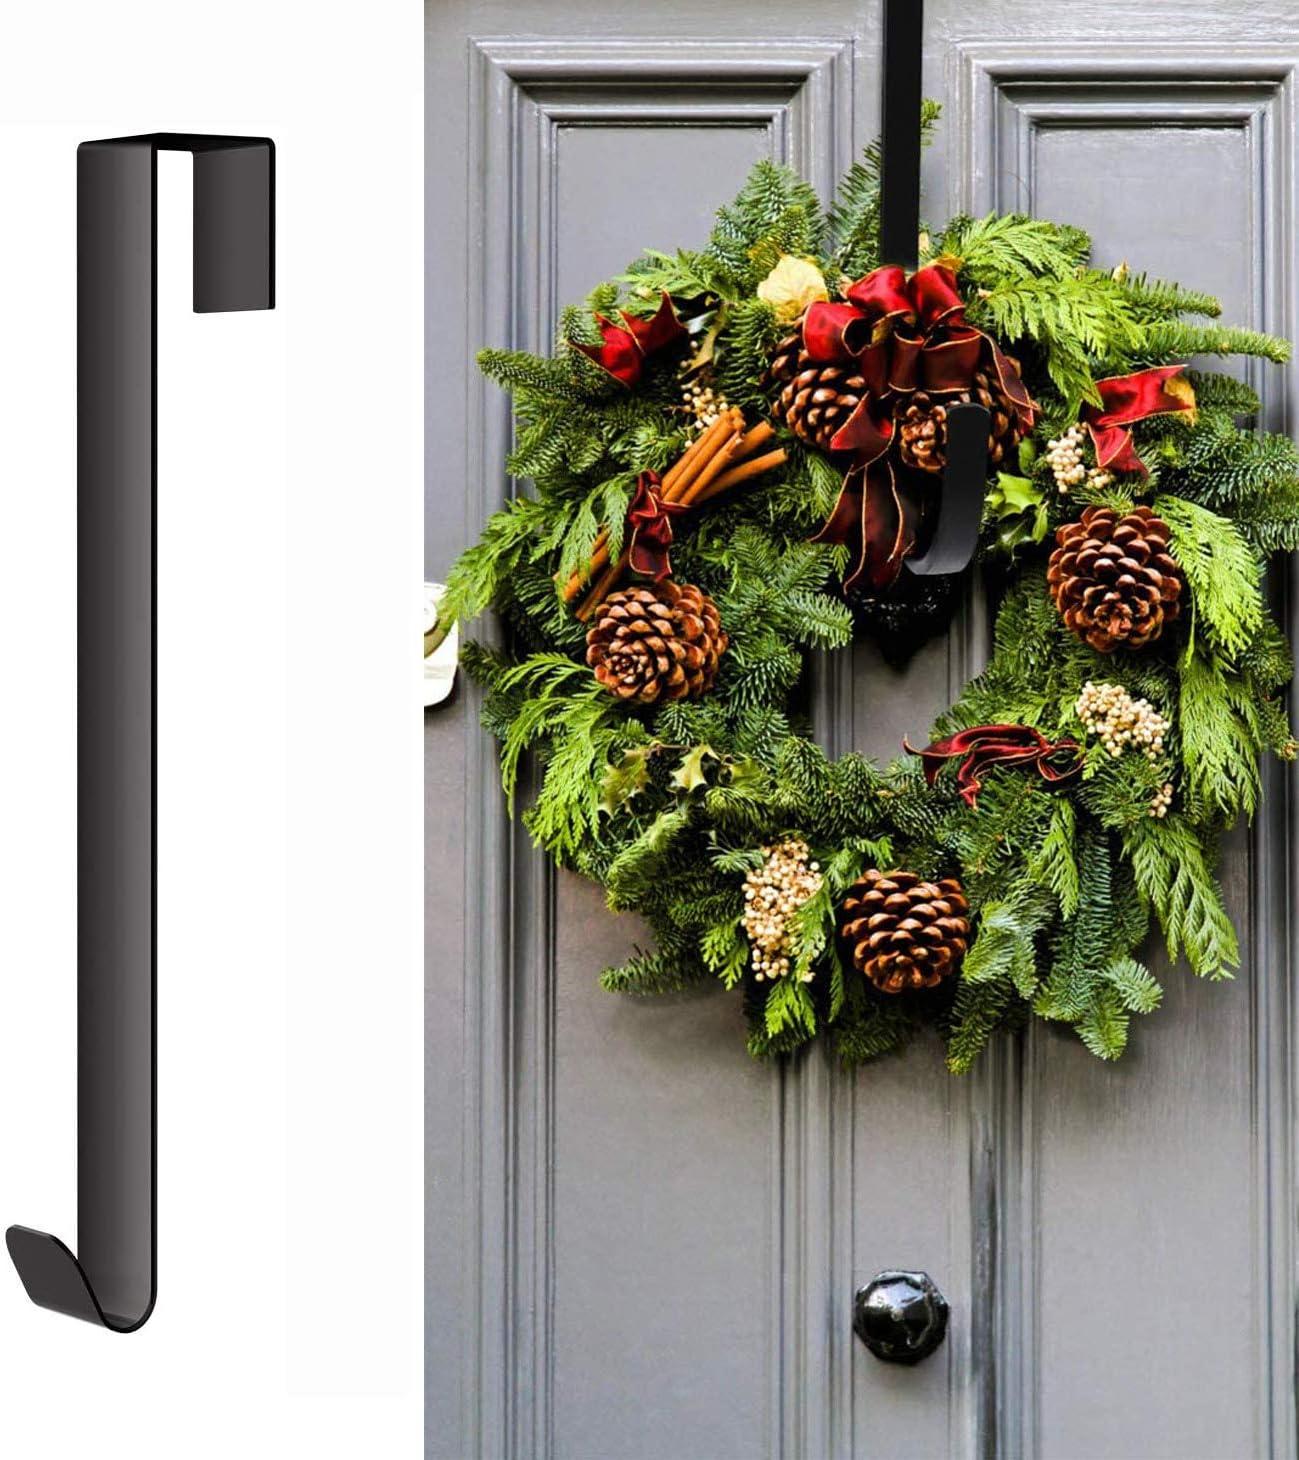 Schwarz T/ürhaken f/ür Weihnachtskr/änze 38cm Kranz Aufh/änger Haken T/ürkranz Weihnachten Metall Handtuchhalter T/ürh/änger Kleiderhaken T/ür f/ür H/ängen Weihnachtskranz Dekoration Kleider Handt/ücher